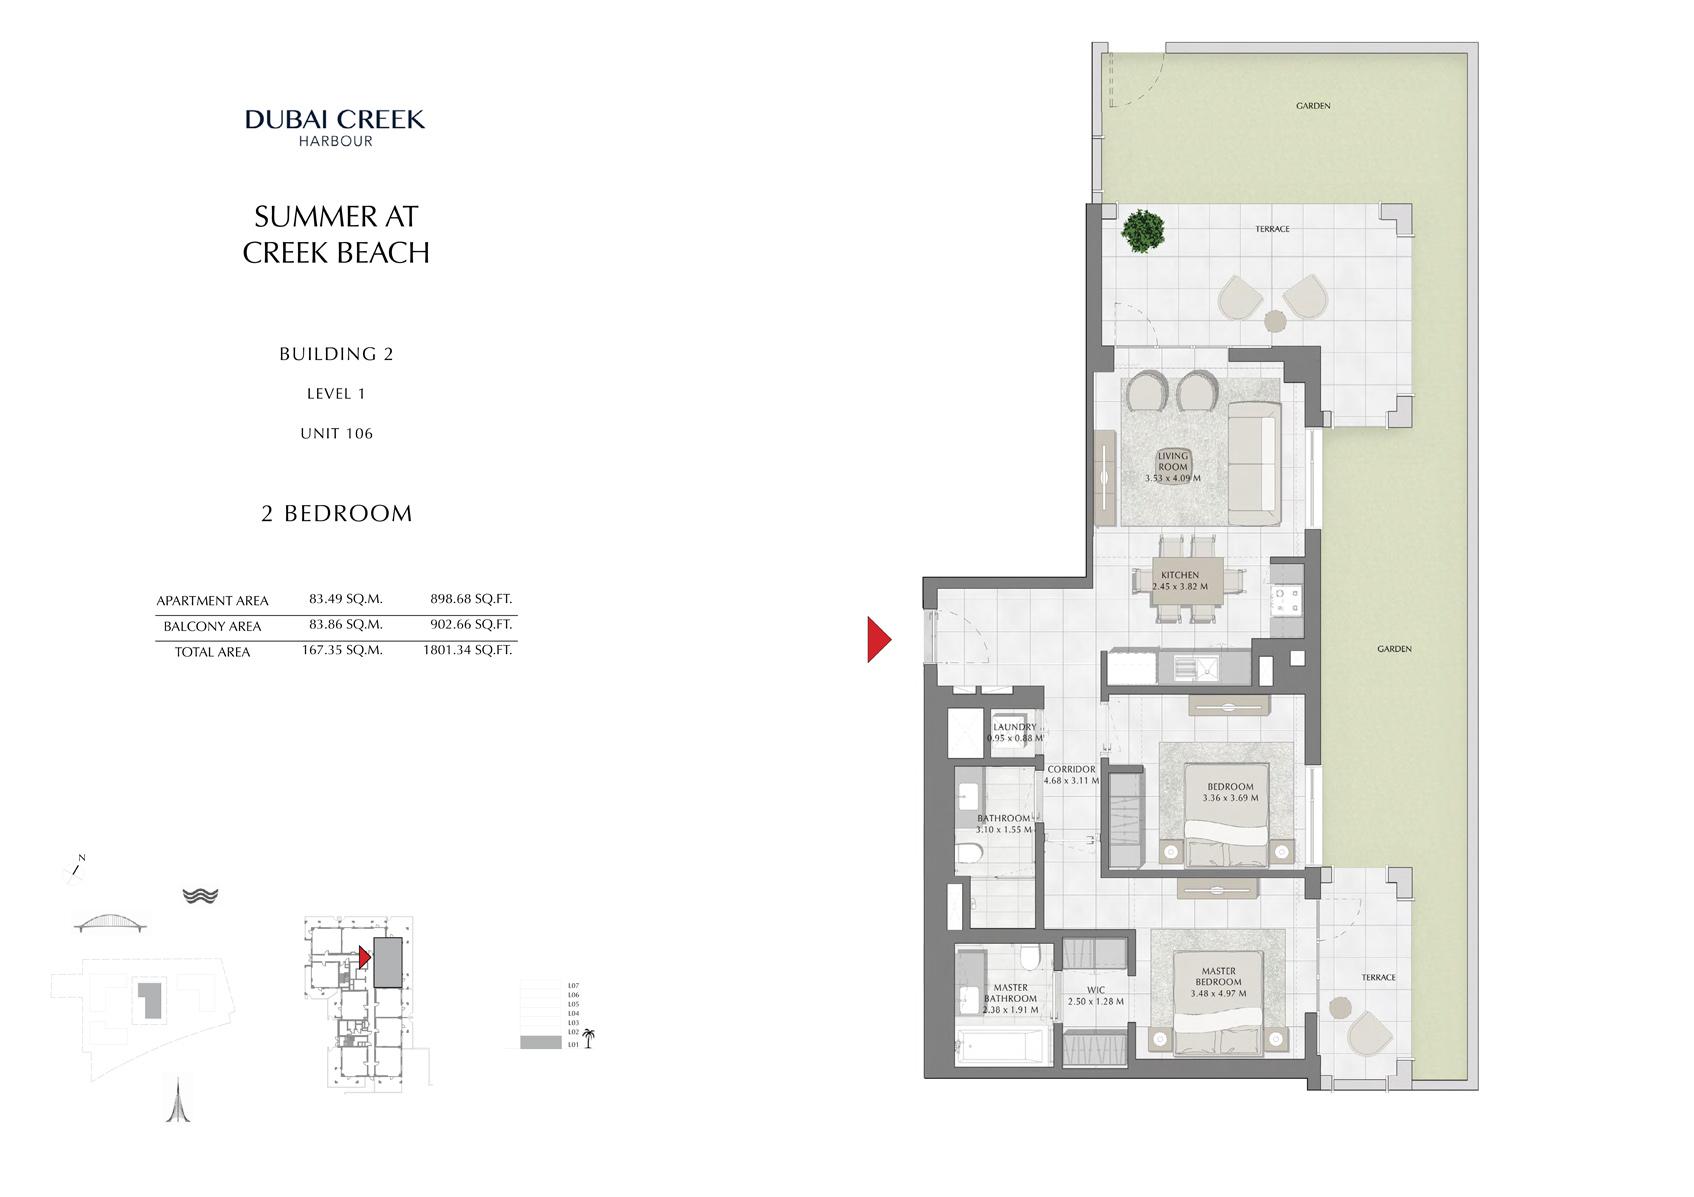 2 Br Building 2 Level 1 Unit 106, Size 1801 Sq Ft